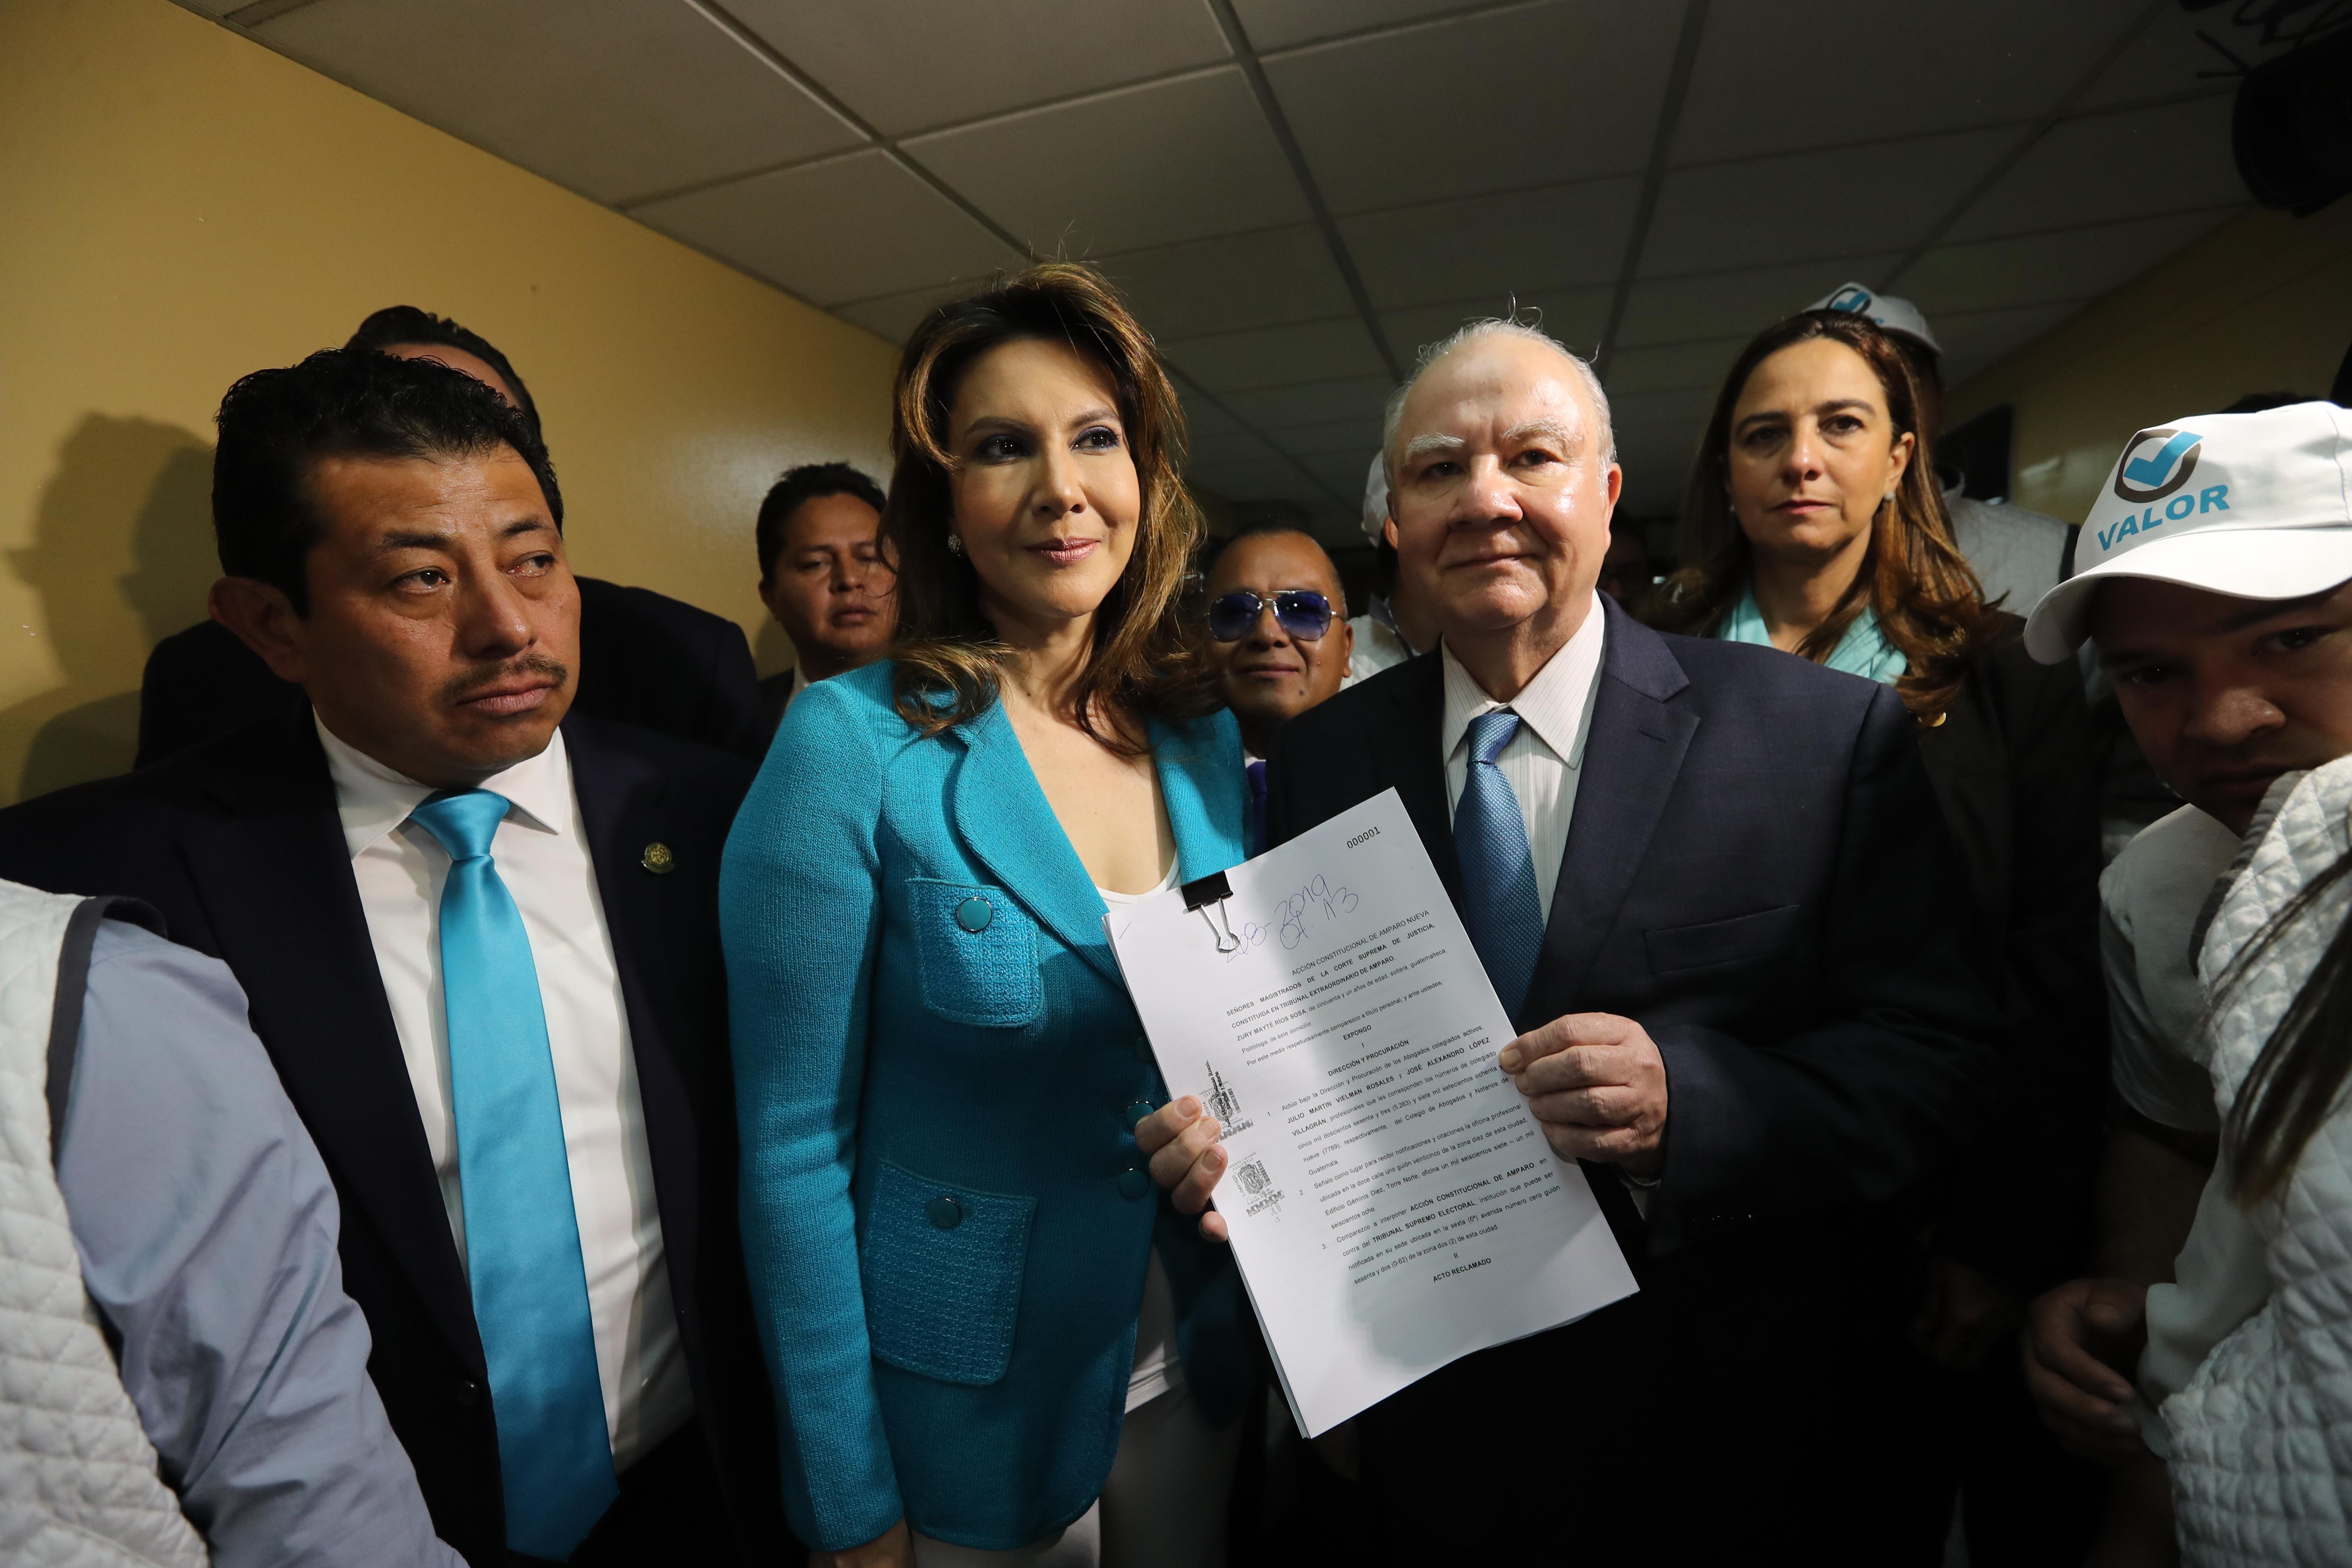 Zury Ríos y Roberto Molina Barreto, binomio presidencial de Valor, acciona en la CSJ para ser inscritos ante el TSE. (Foto Prensa Libre: Érick Ávila)